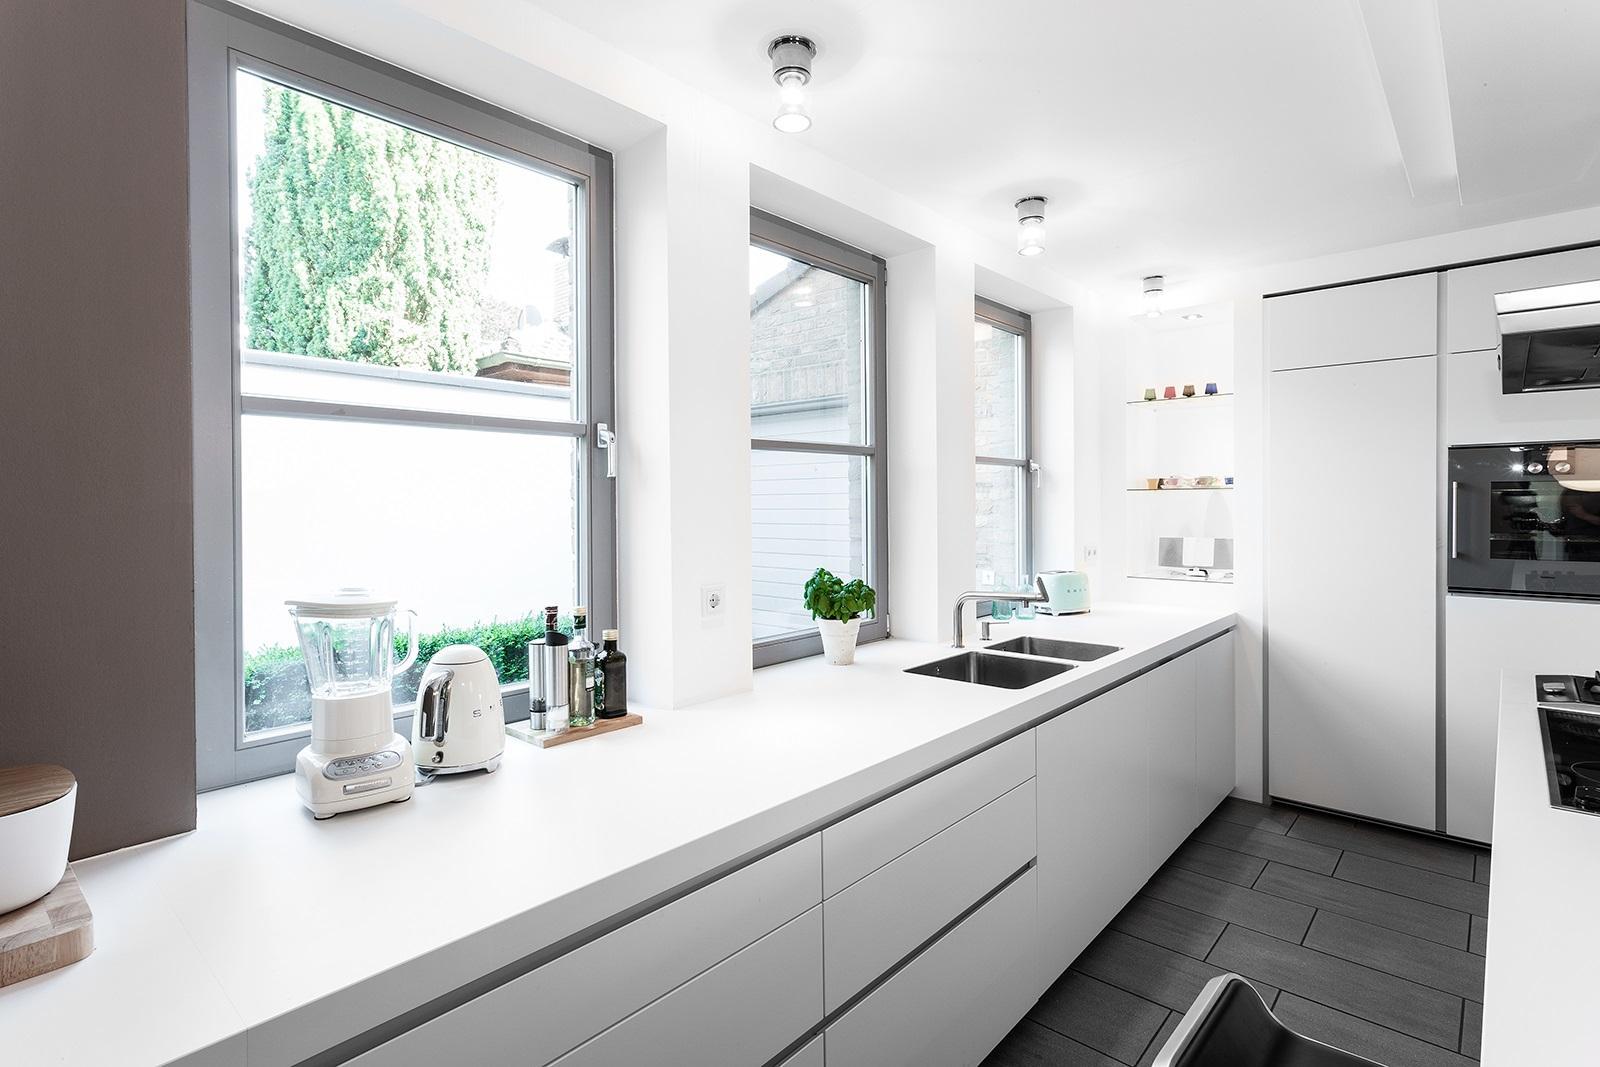 Bulthaup B1 Küchenmodernisierung Kücheninsel Foto